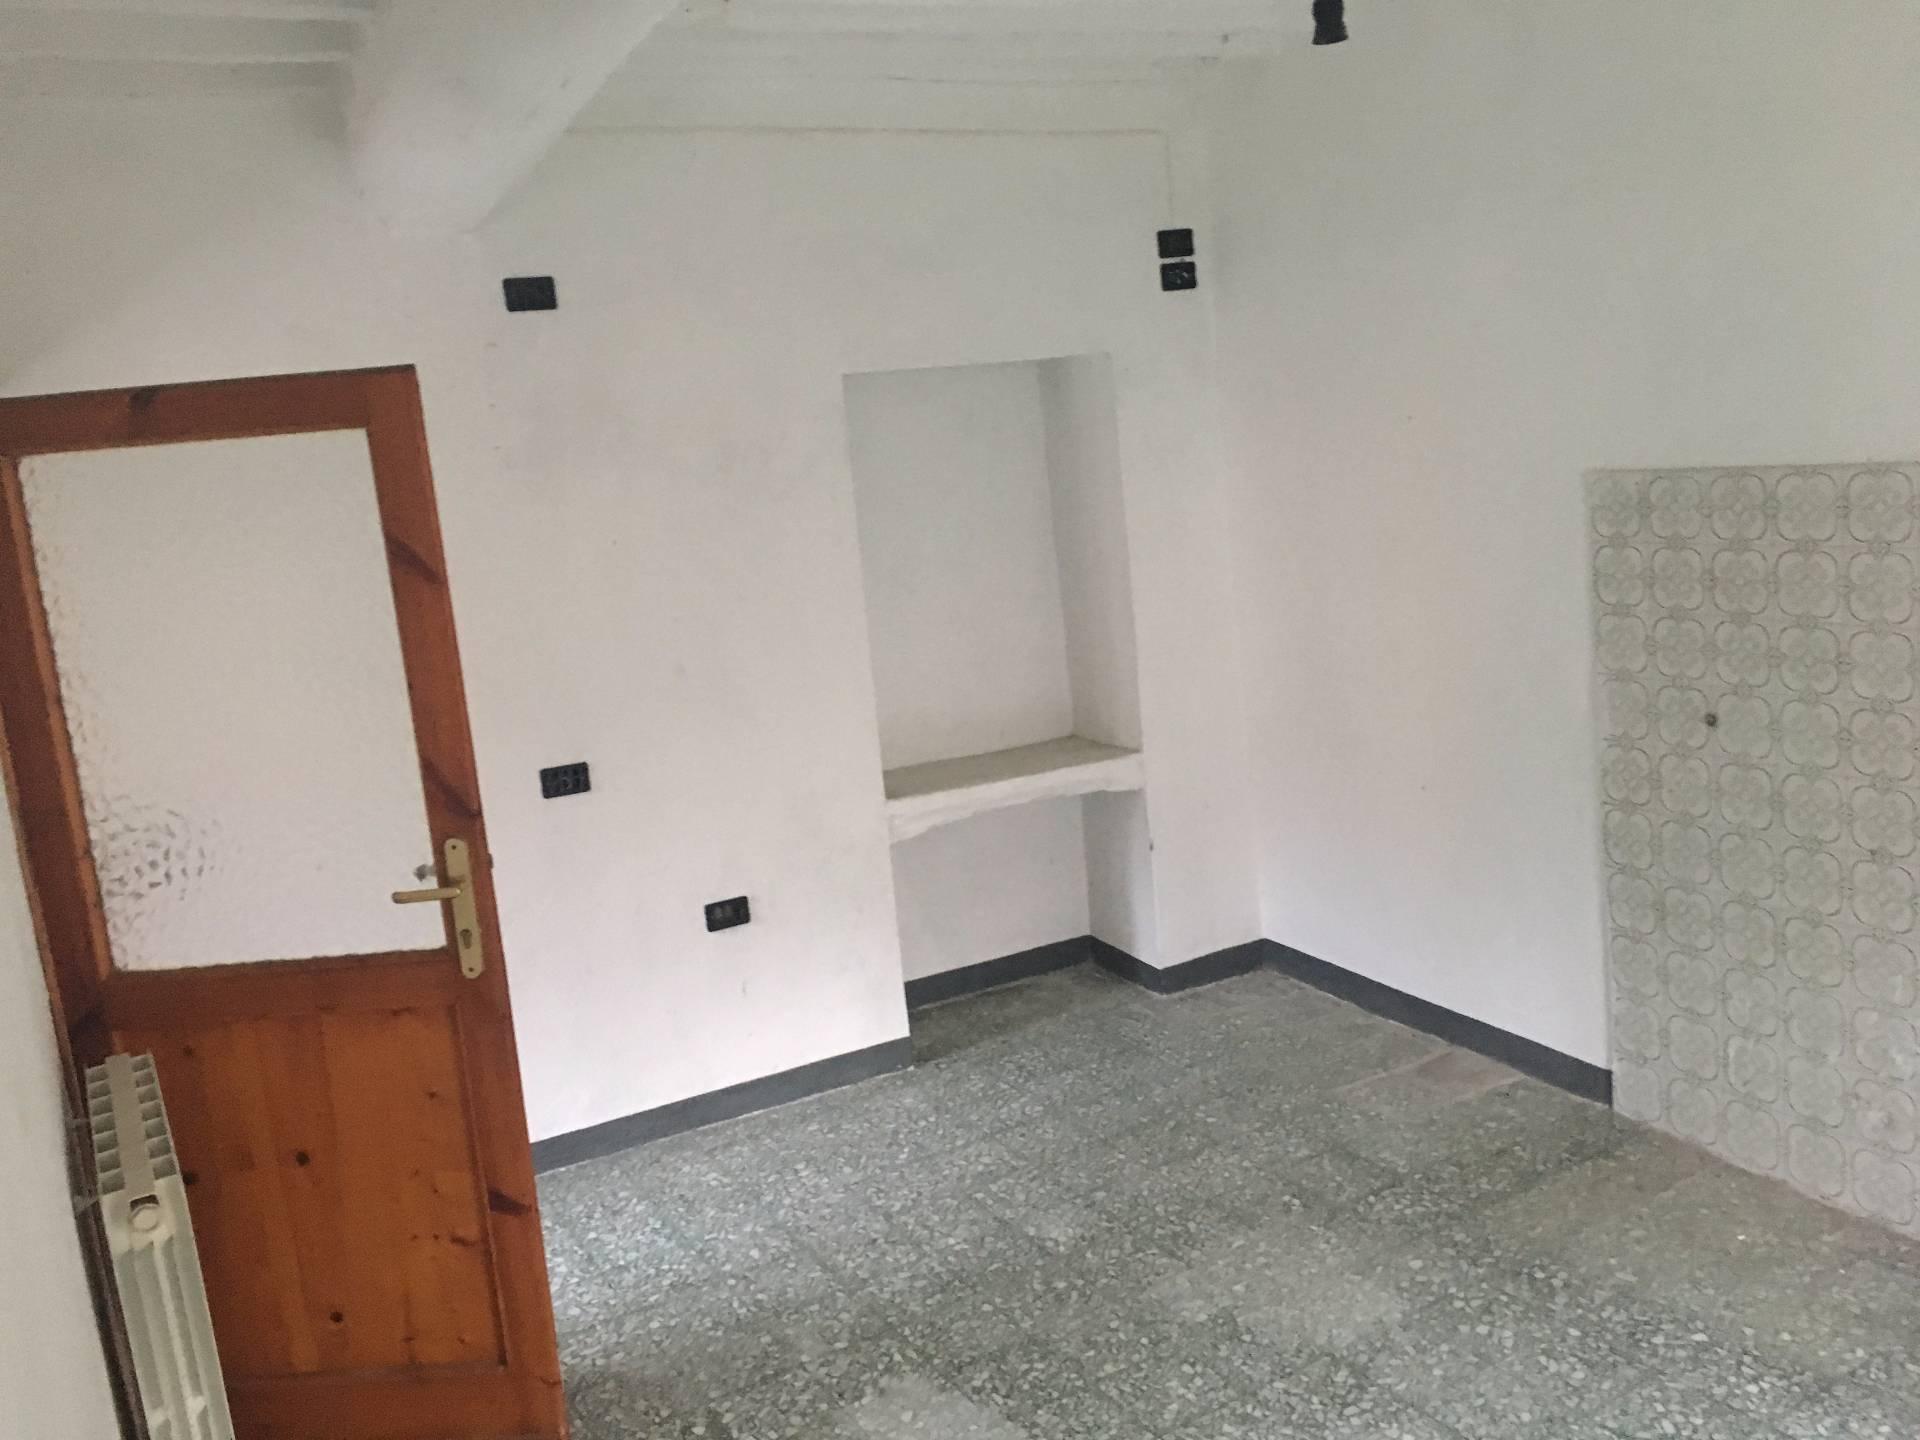 Soluzione Indipendente in vendita a Buti, 2 locali, prezzo € 25.000   Cambio Casa.it